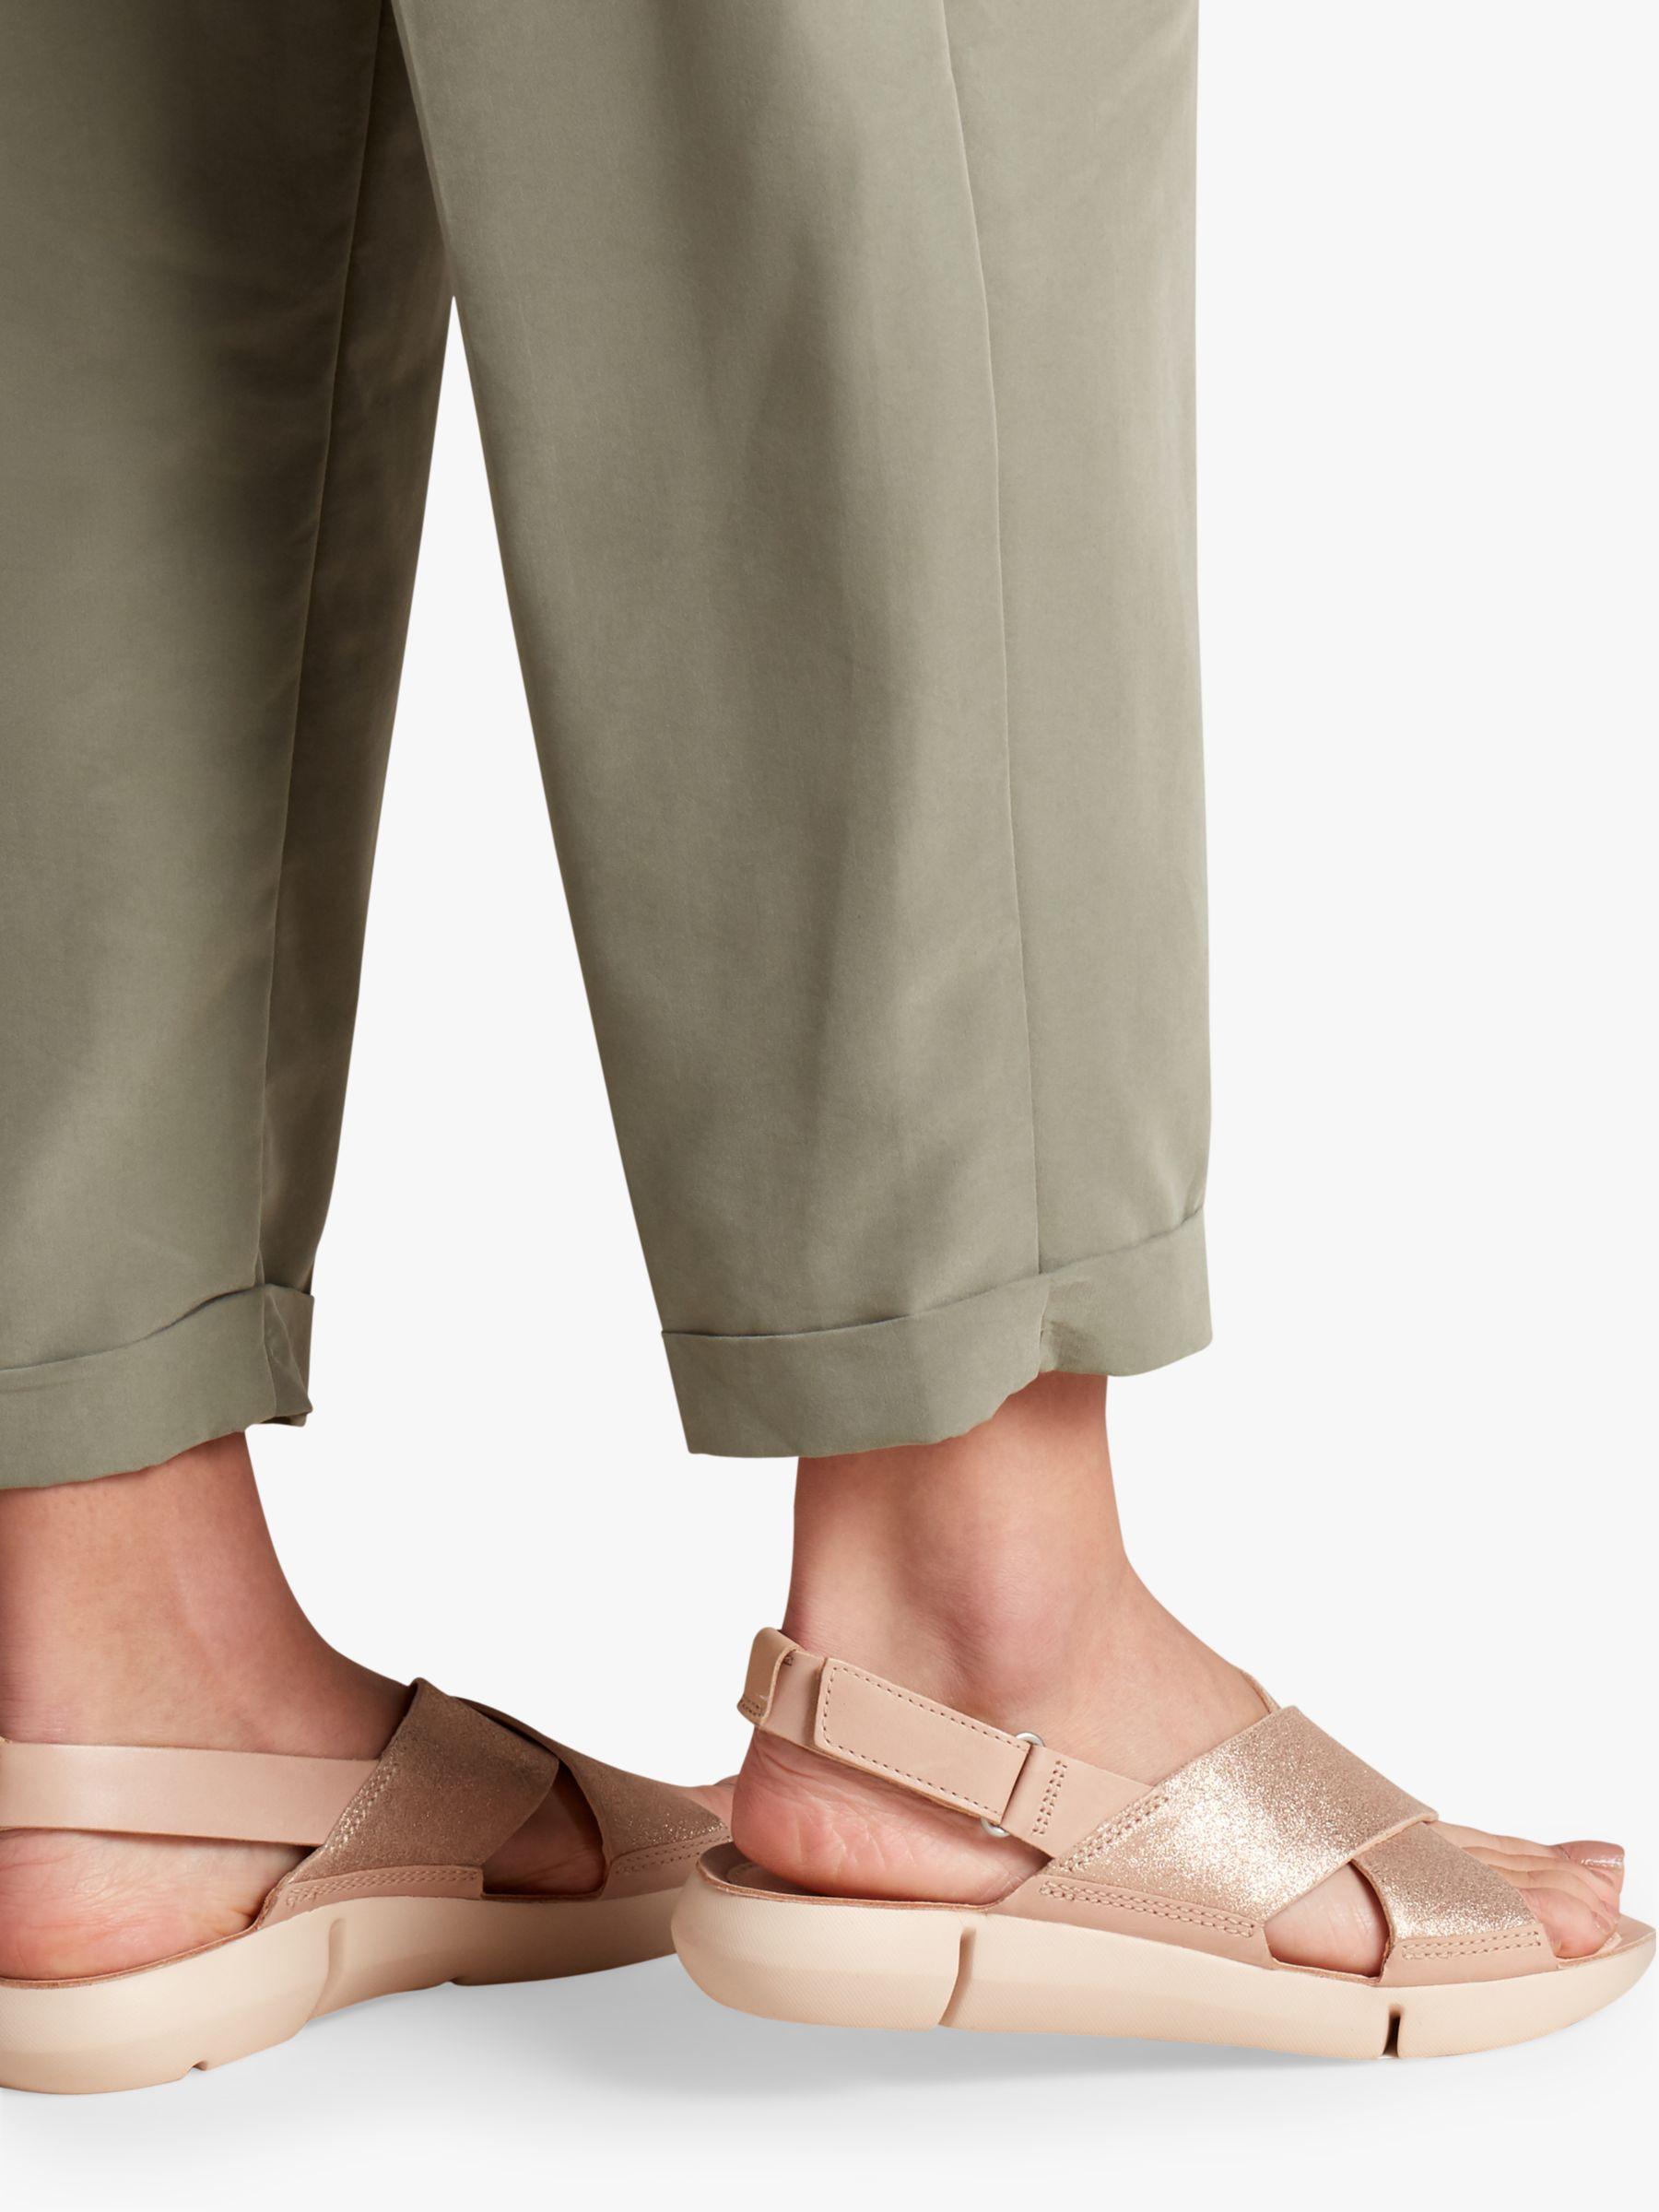 f6a86df0c38 Clarks Tri Chloe Cross Strap Sandals - Lyst